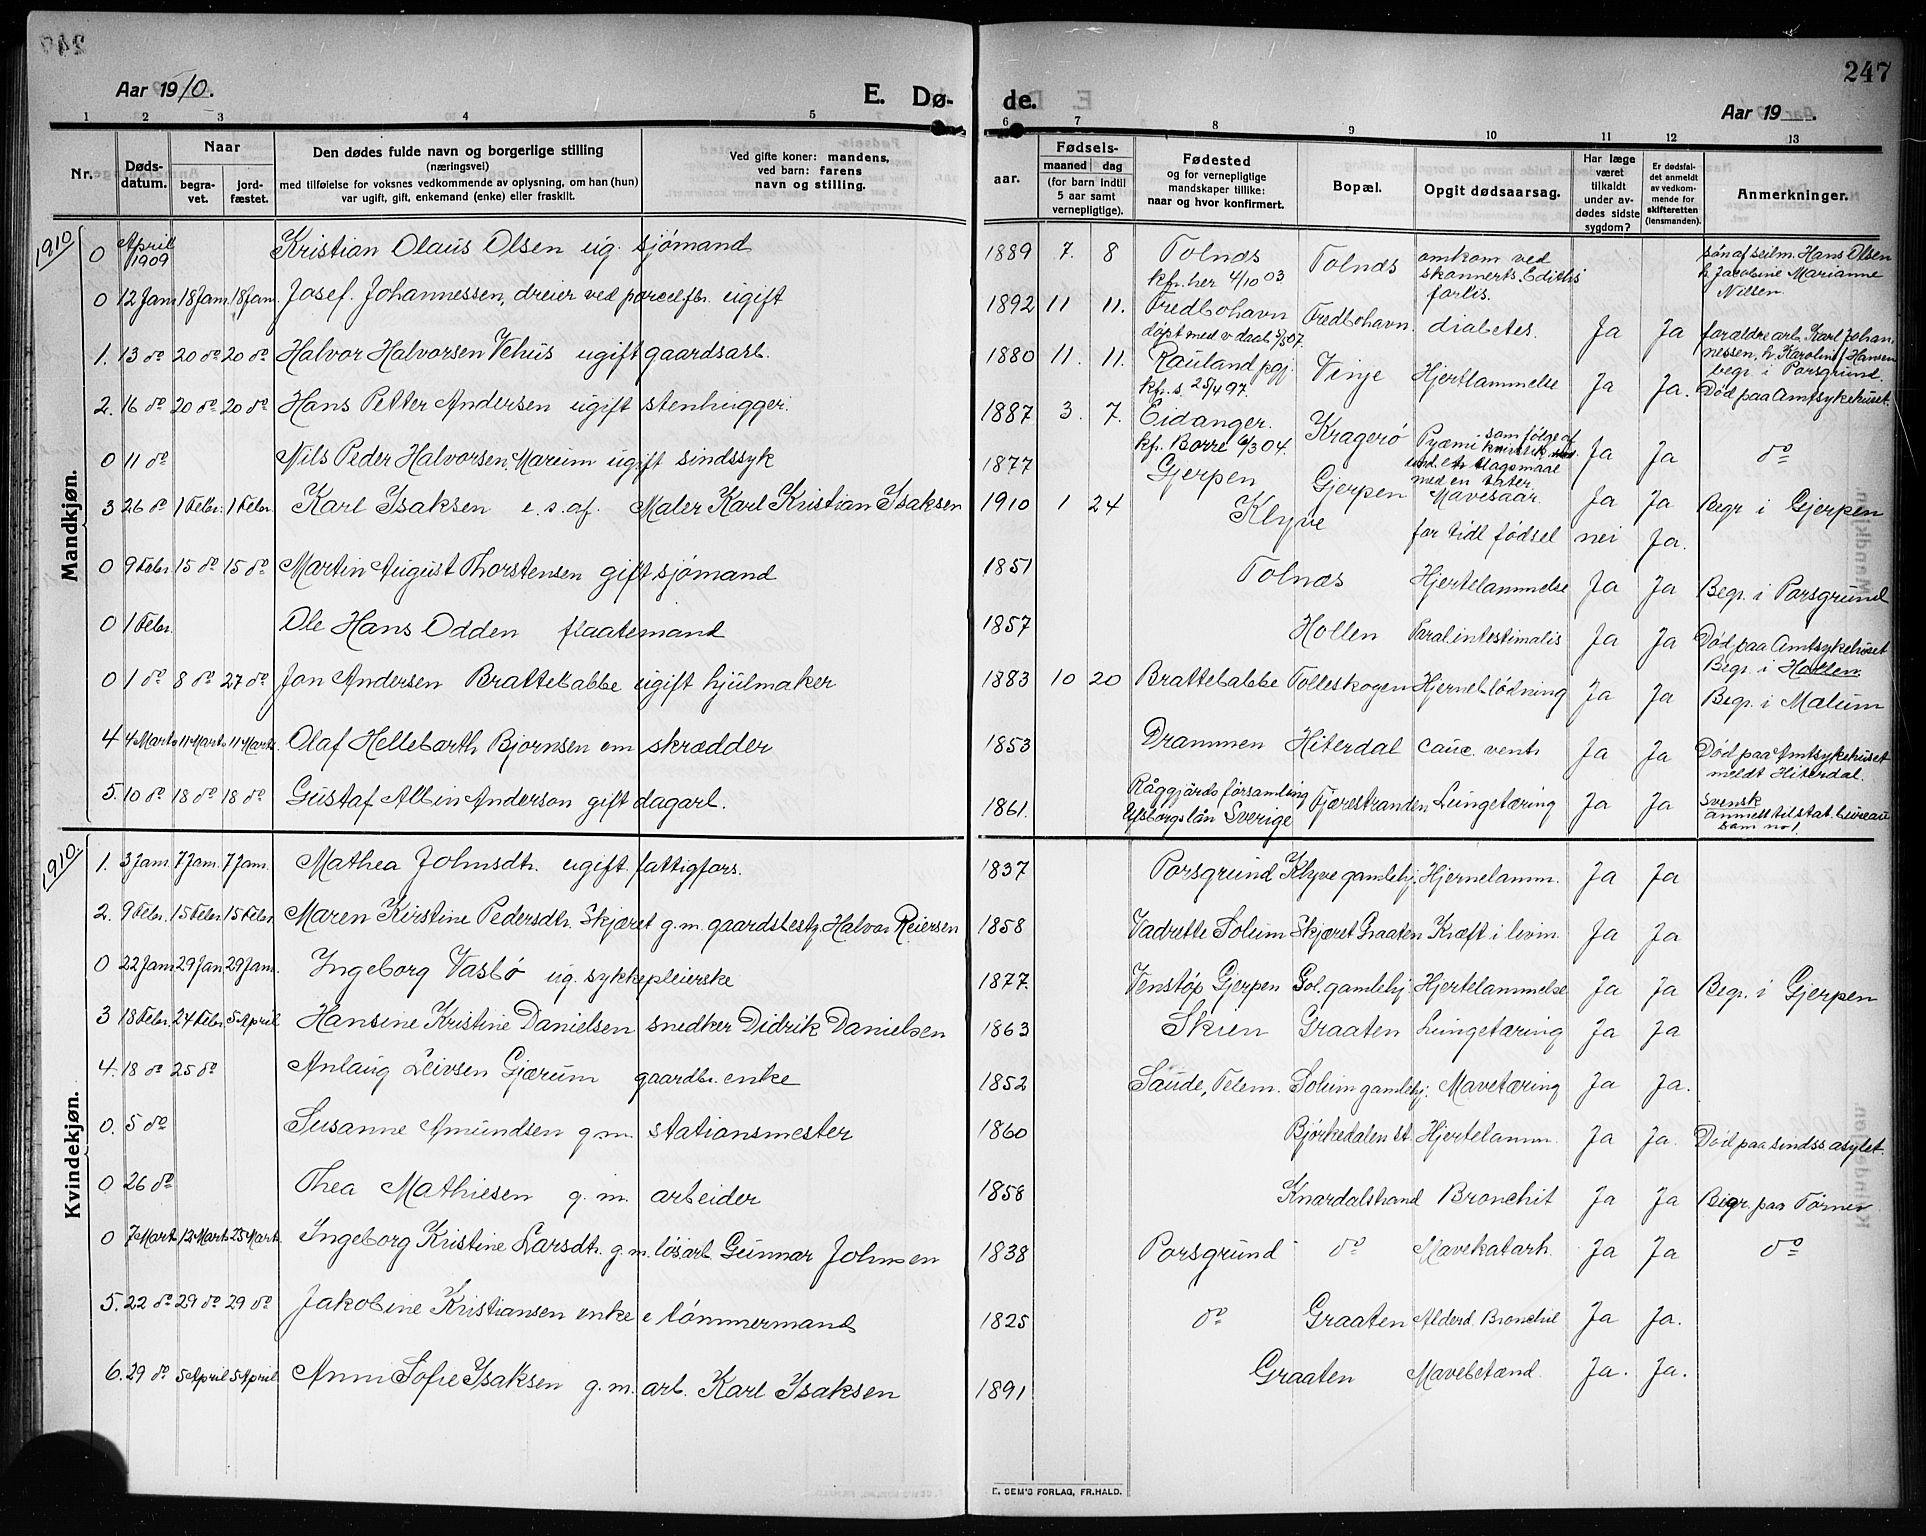 SAKO, Solum kirkebøker, G/Ga/L0009: Klokkerbok nr. I 9, 1909-1922, s. 247